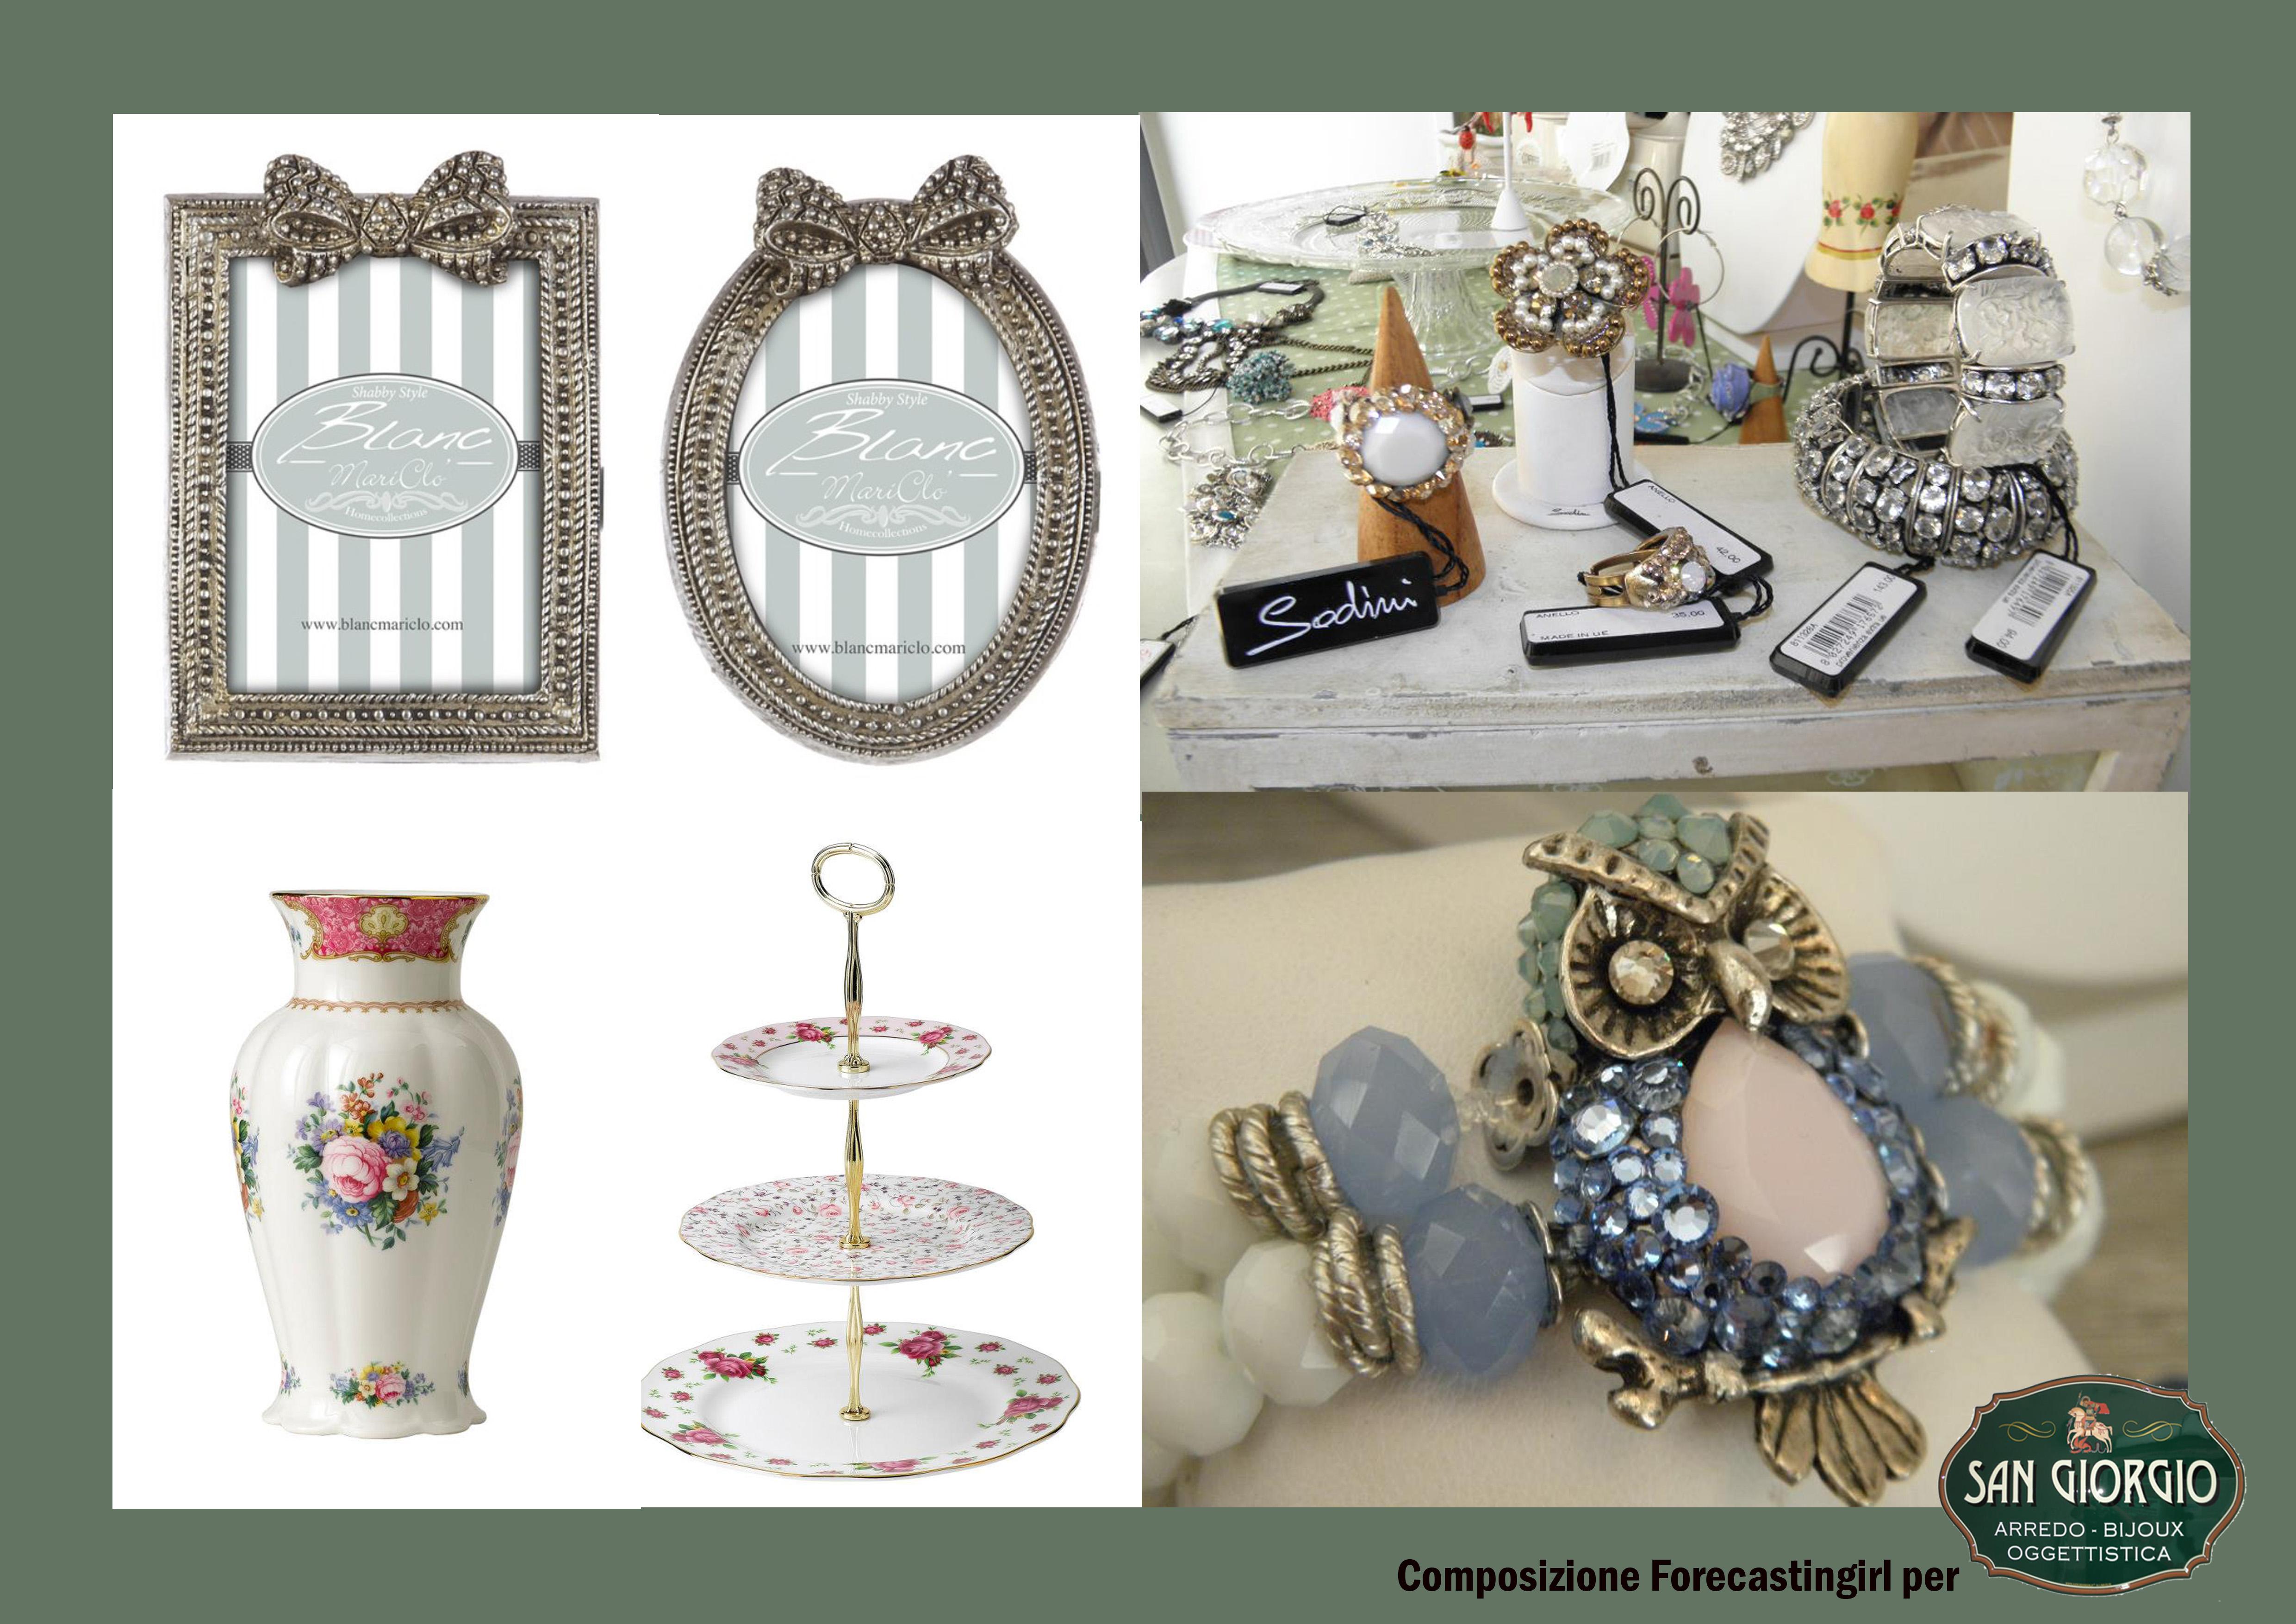 Oggetti d'arredo, Bijoux e ceramiche d'autore